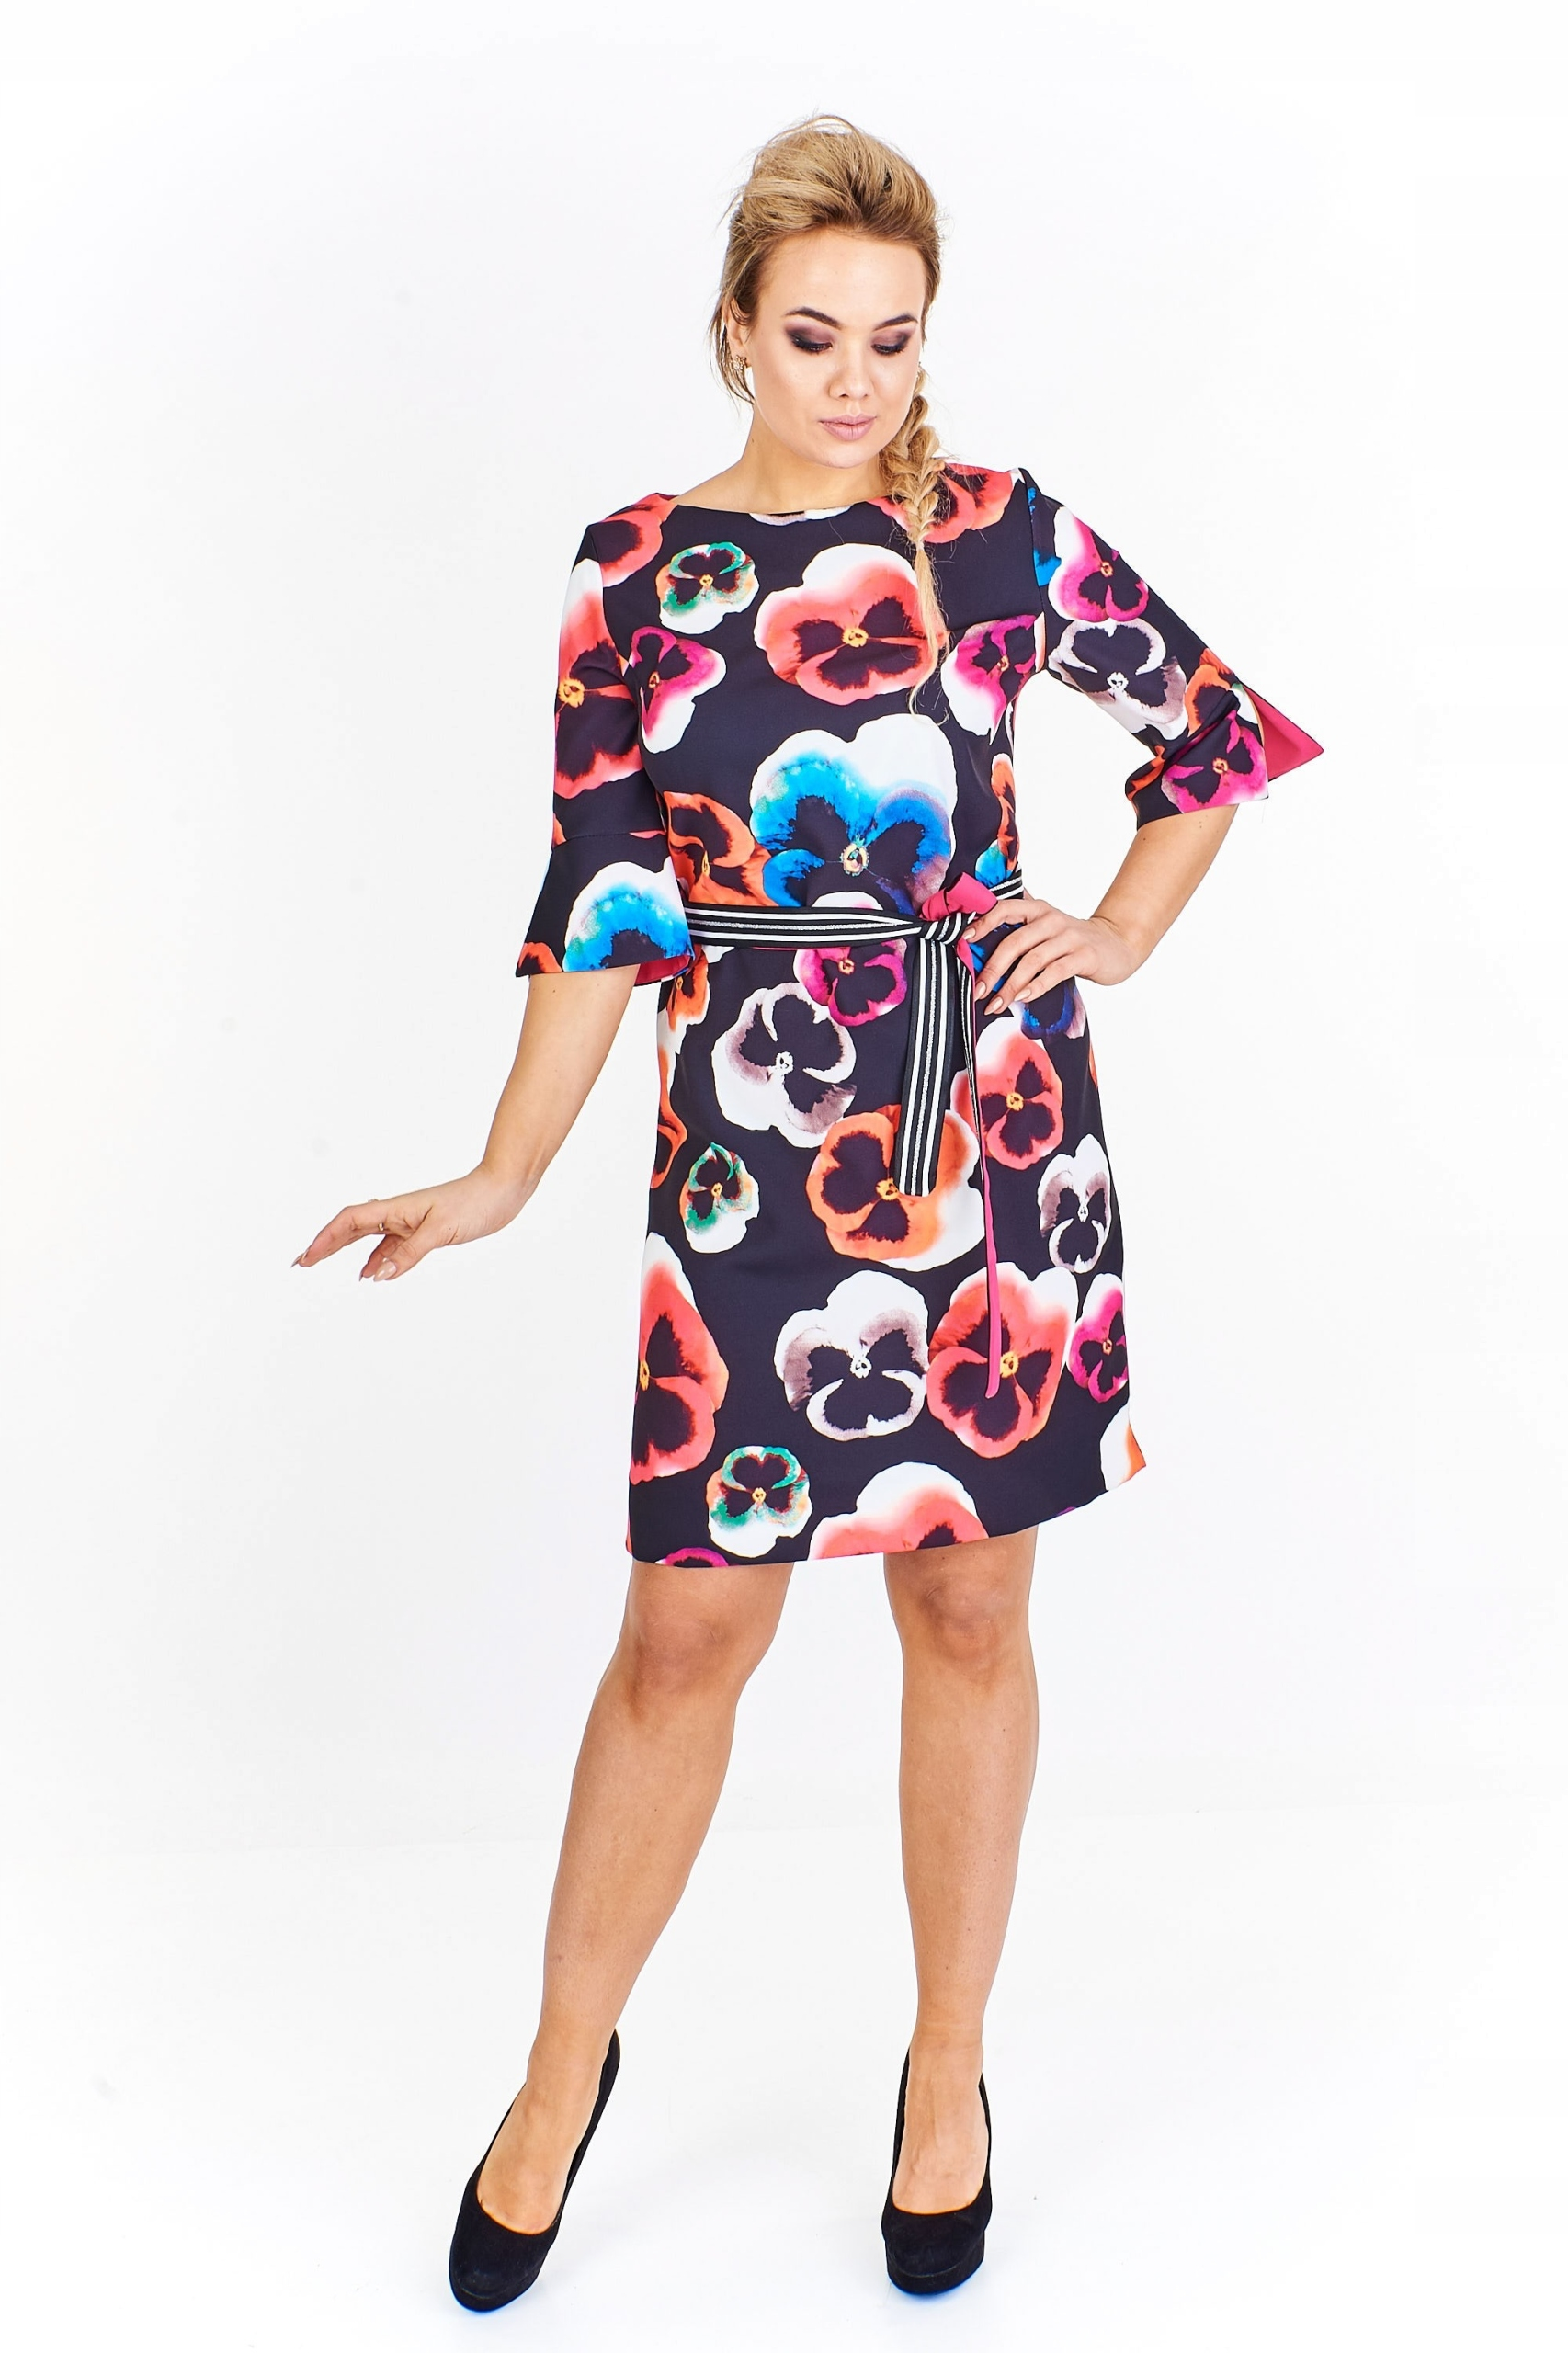 8ad7e4df57 Sukienka w kwiaty Czarny 42 - 7447158726 - oficjalne archiwum allegro